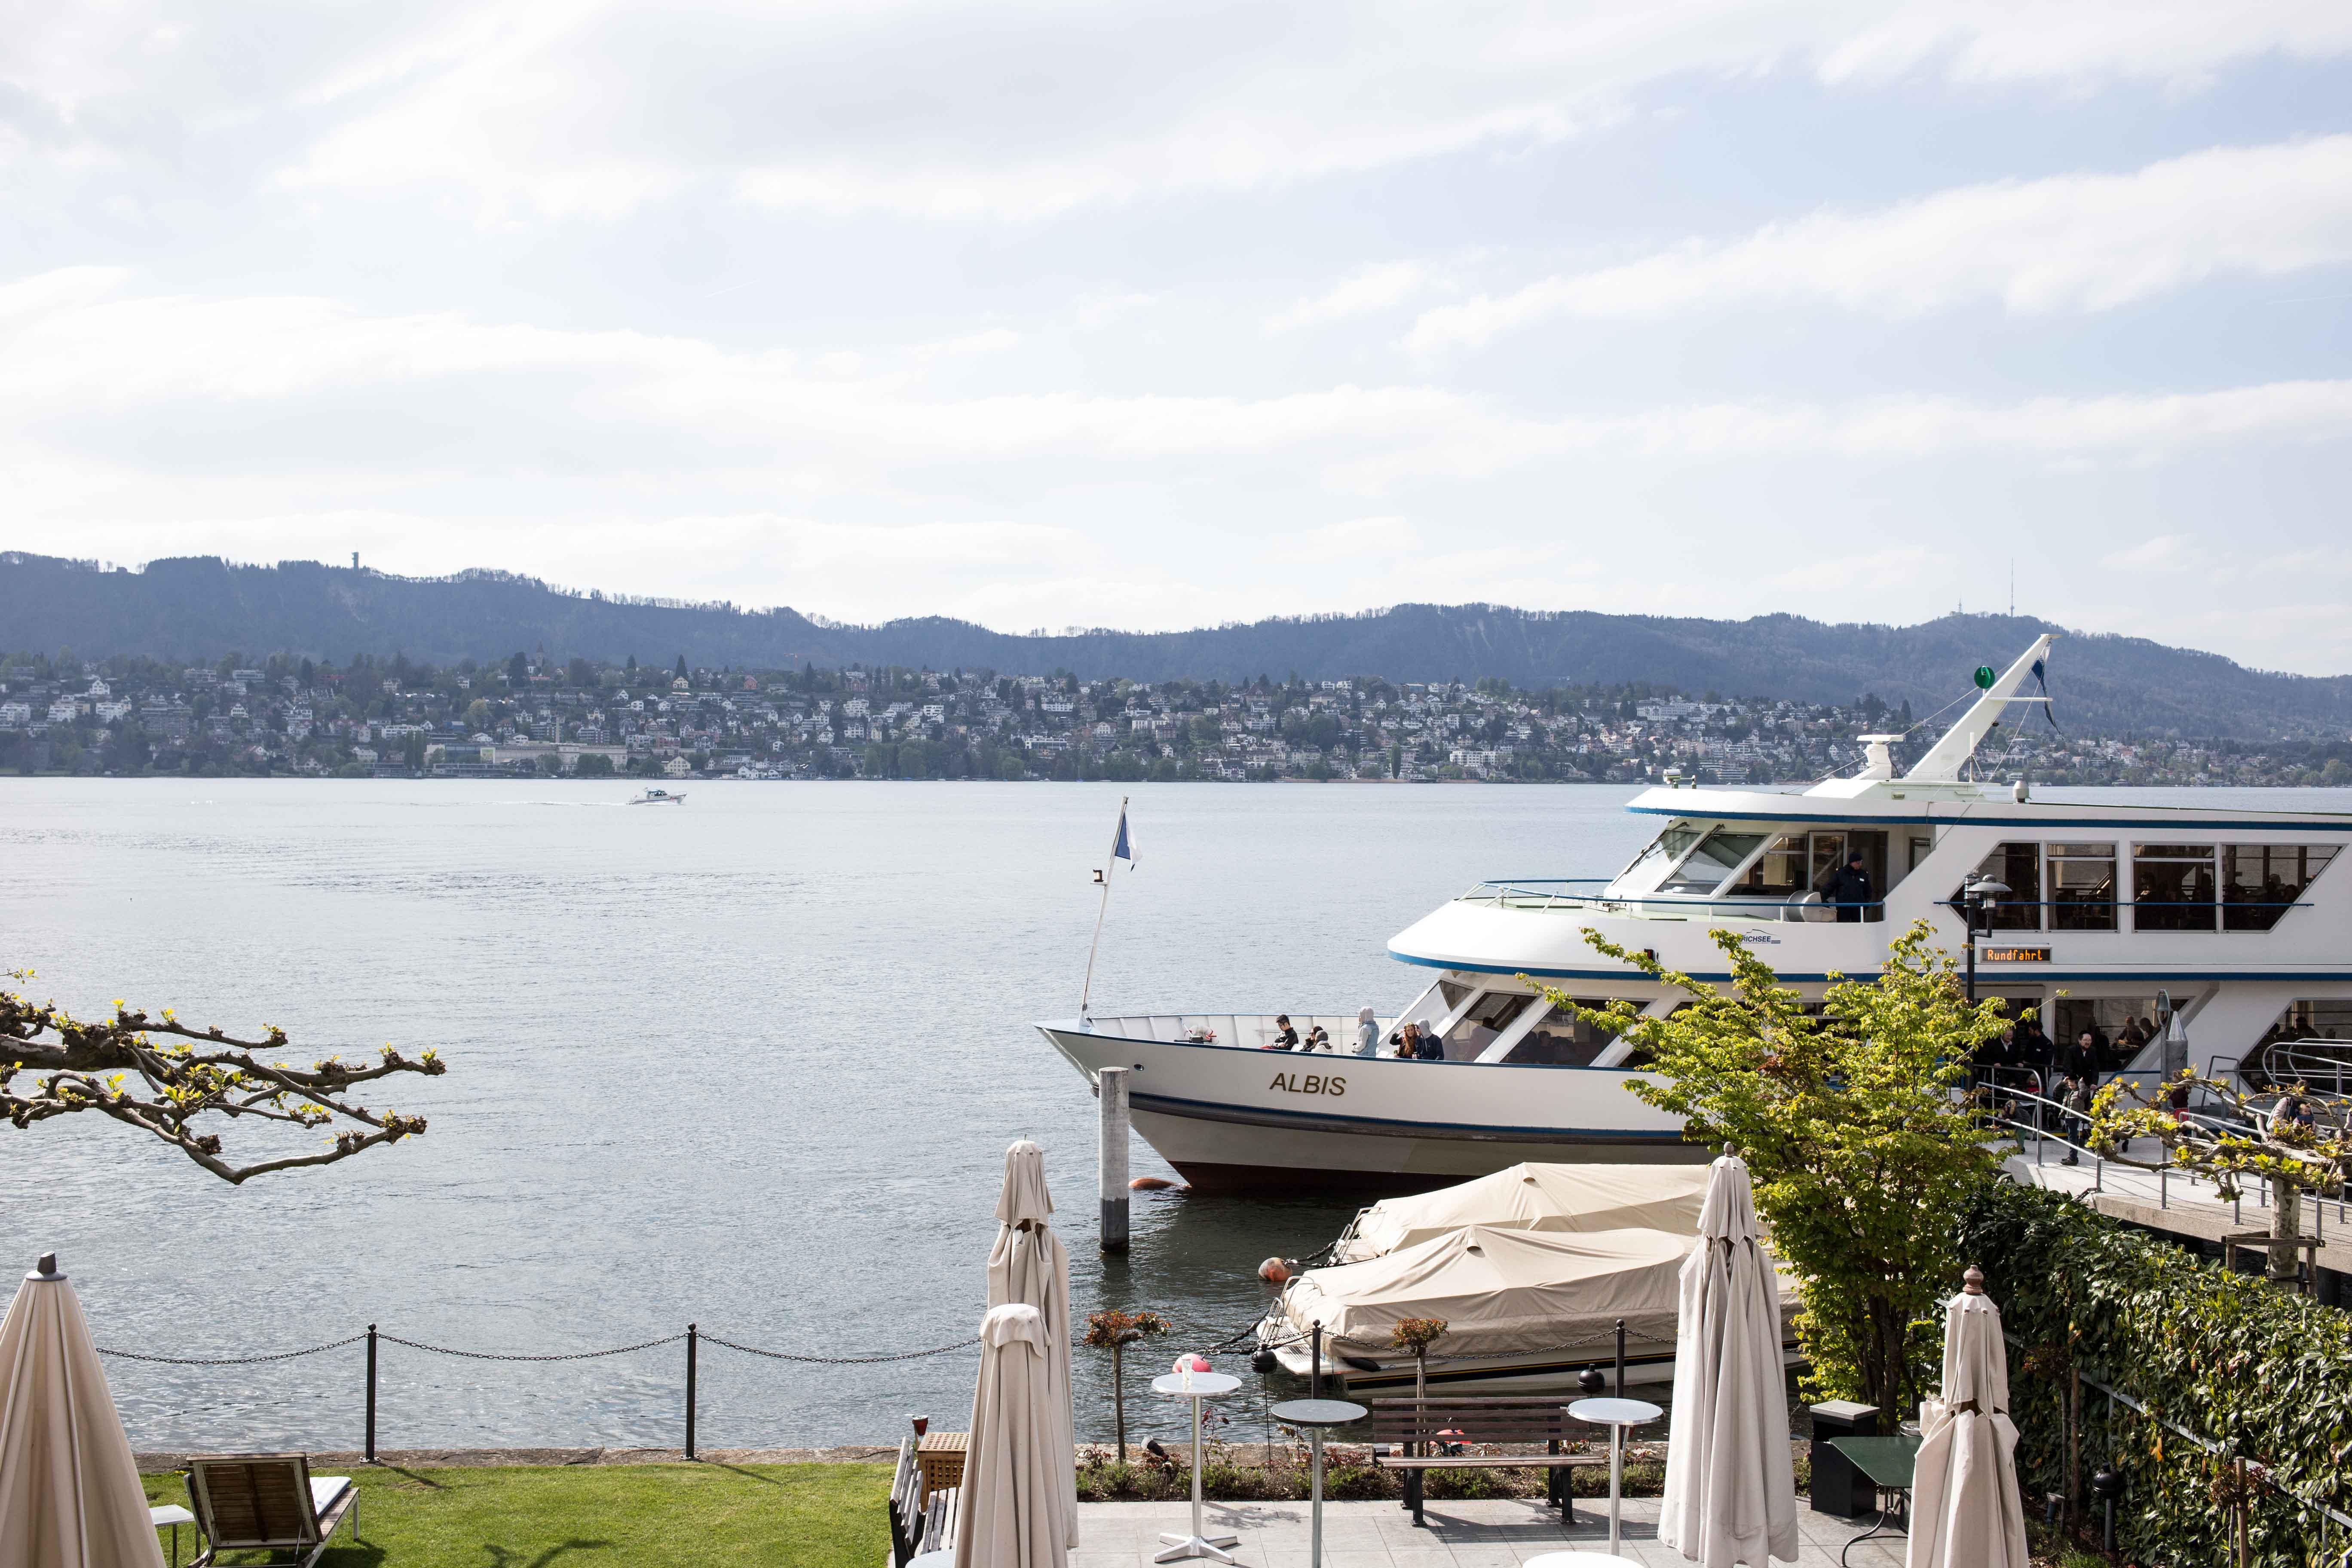 Hotelreview-Hotelempfehlung-Zürich-Küsnacht-Romantik-Hotels-Seehotel-Sonne_6687